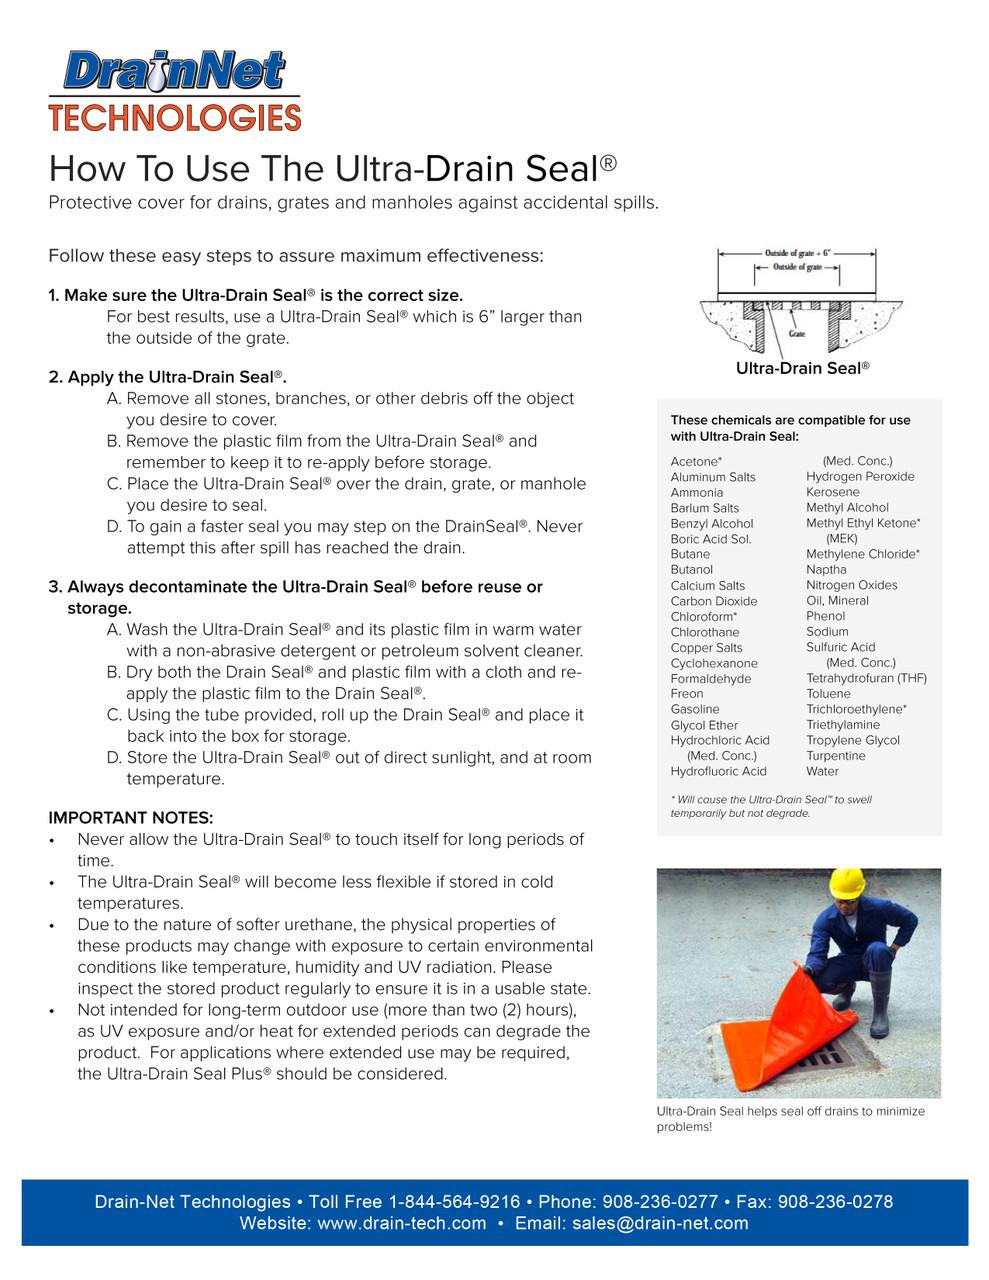 Ultra-Drain Seal - Polyurethane Drain Cover